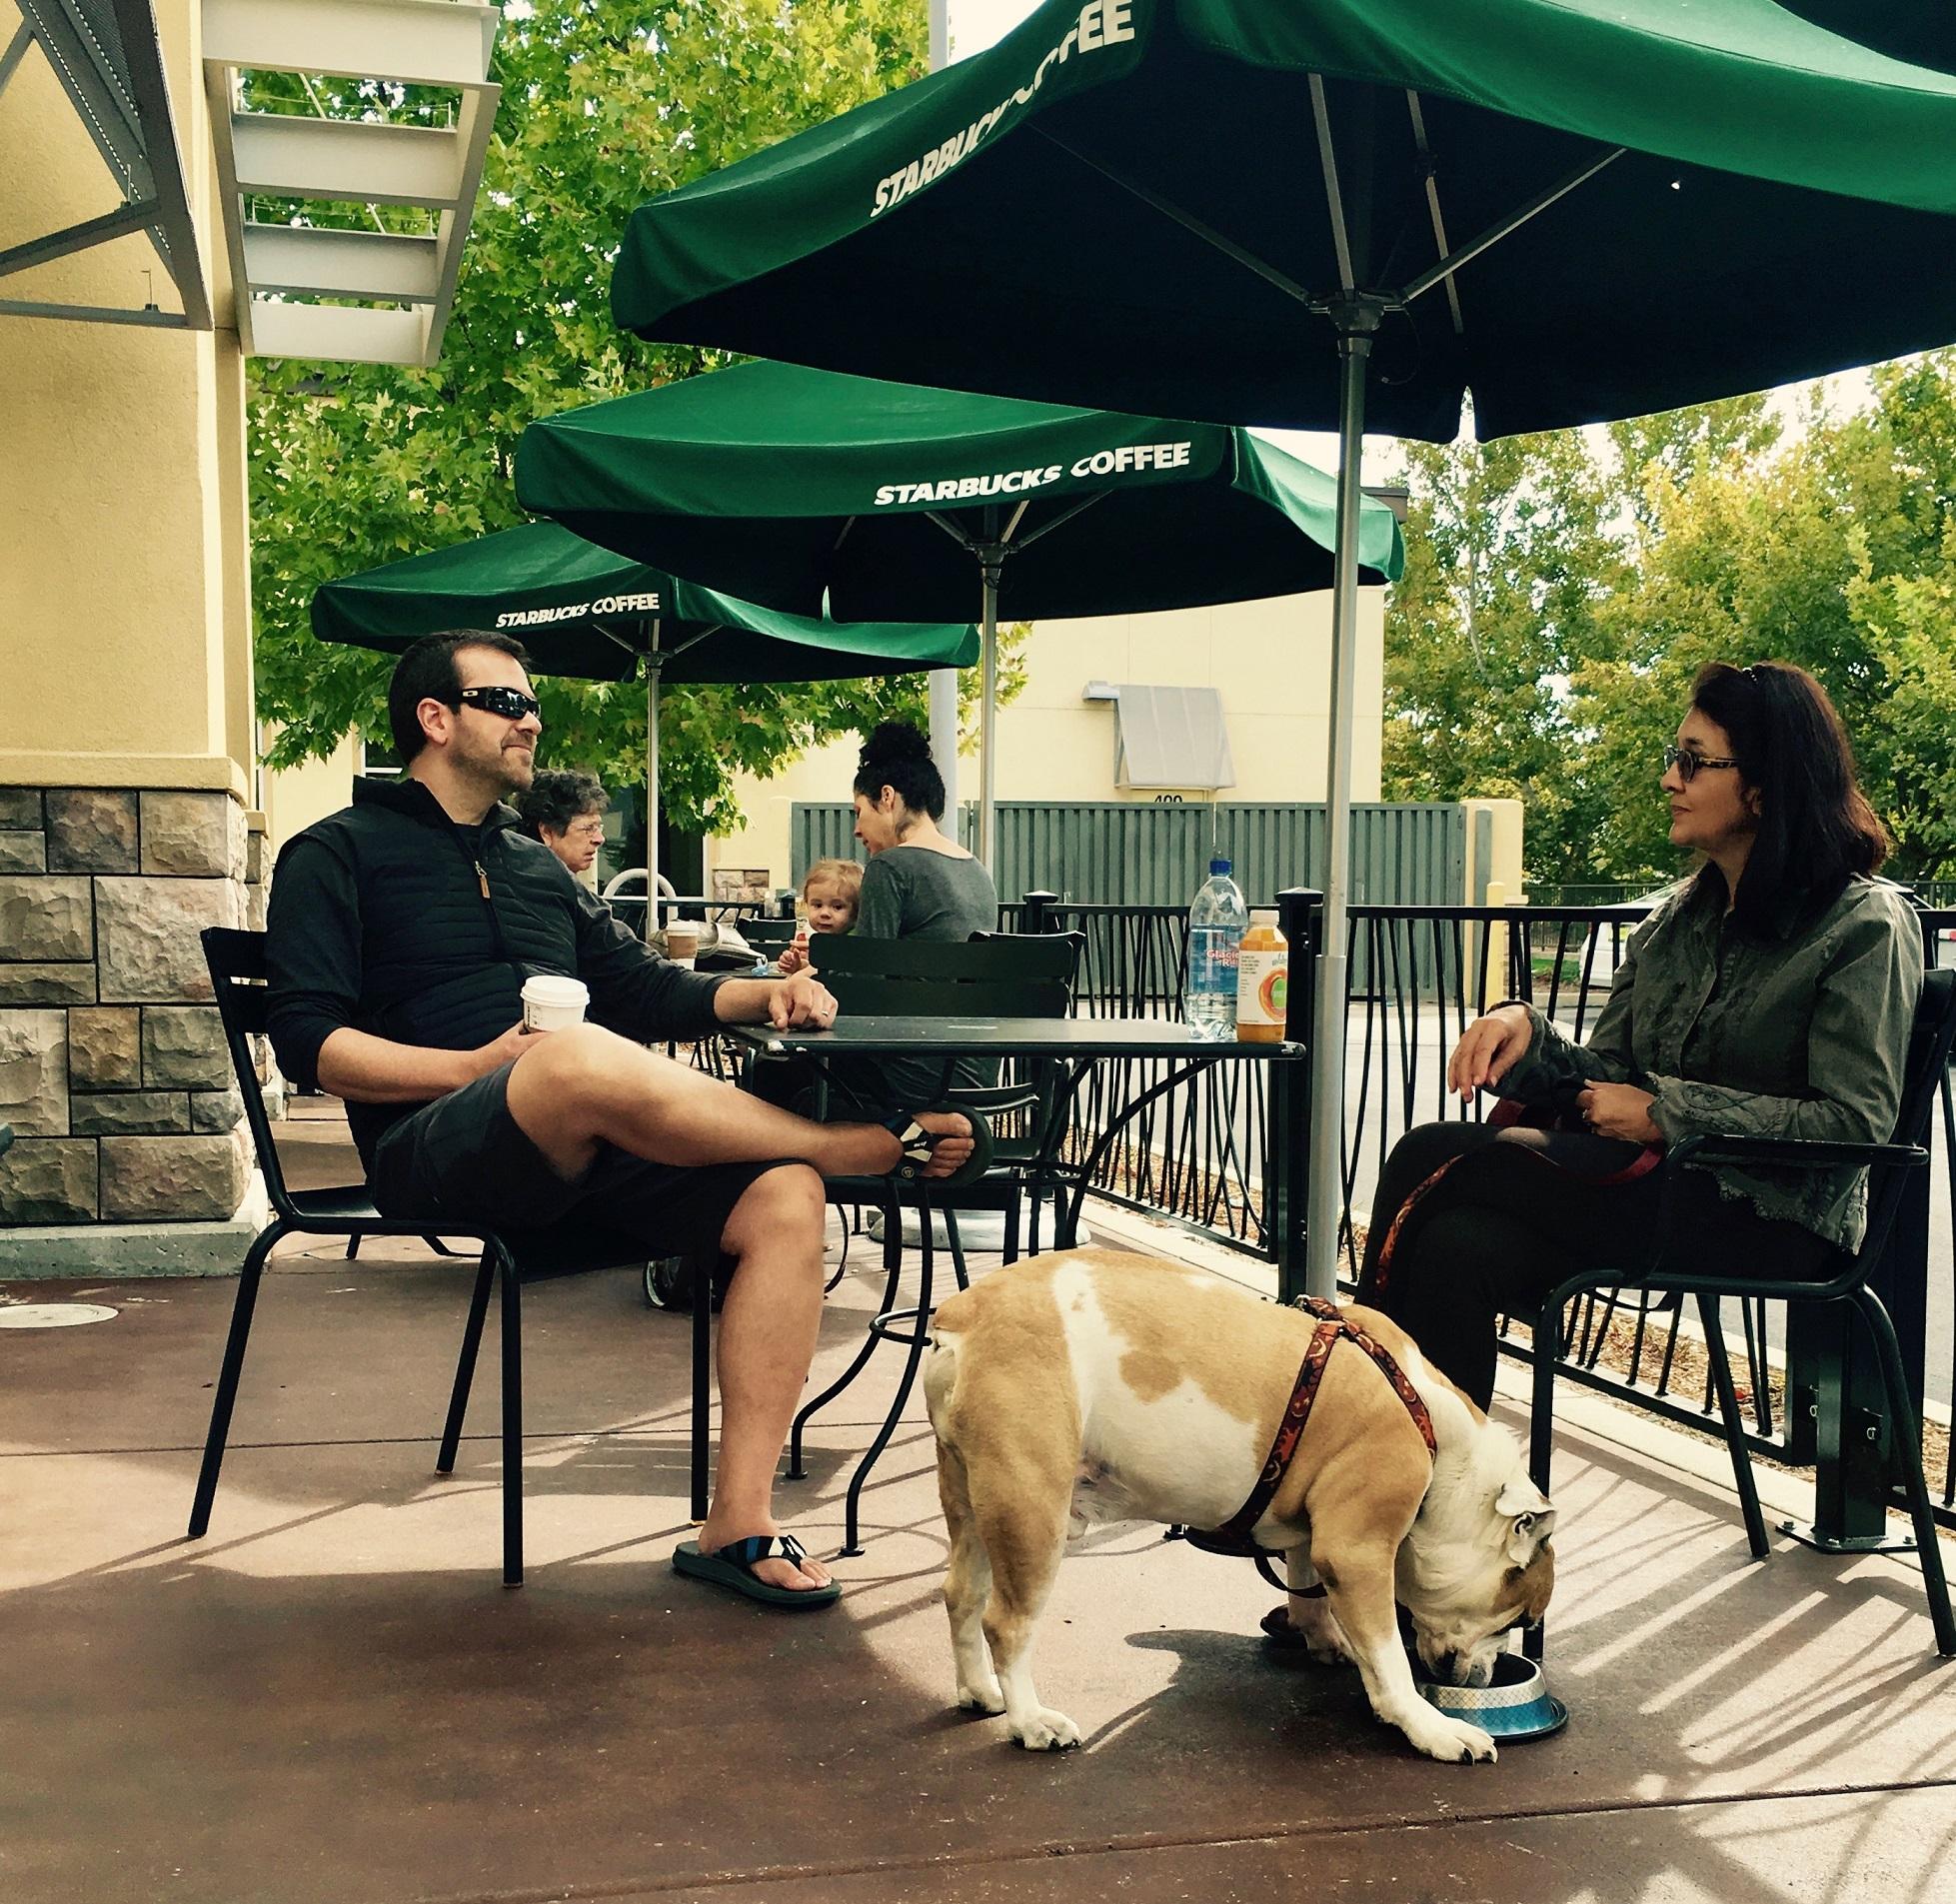 IMG_2061 Gordo and family visit Starbucks.jpg